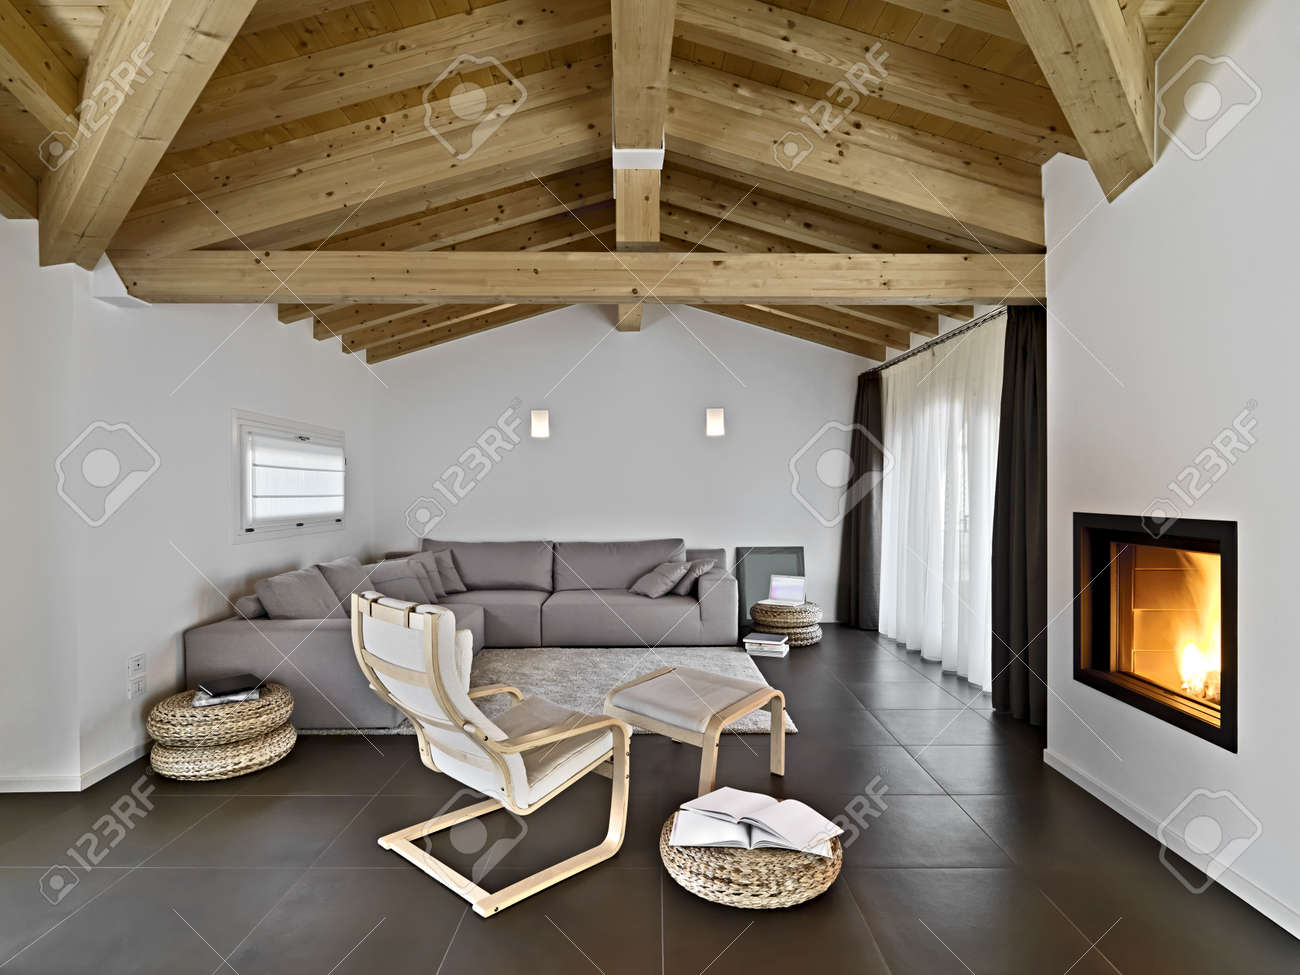 moderne deckenverkleidung wohnzimmer. large size of ... - Wohnzimmer Decken Design